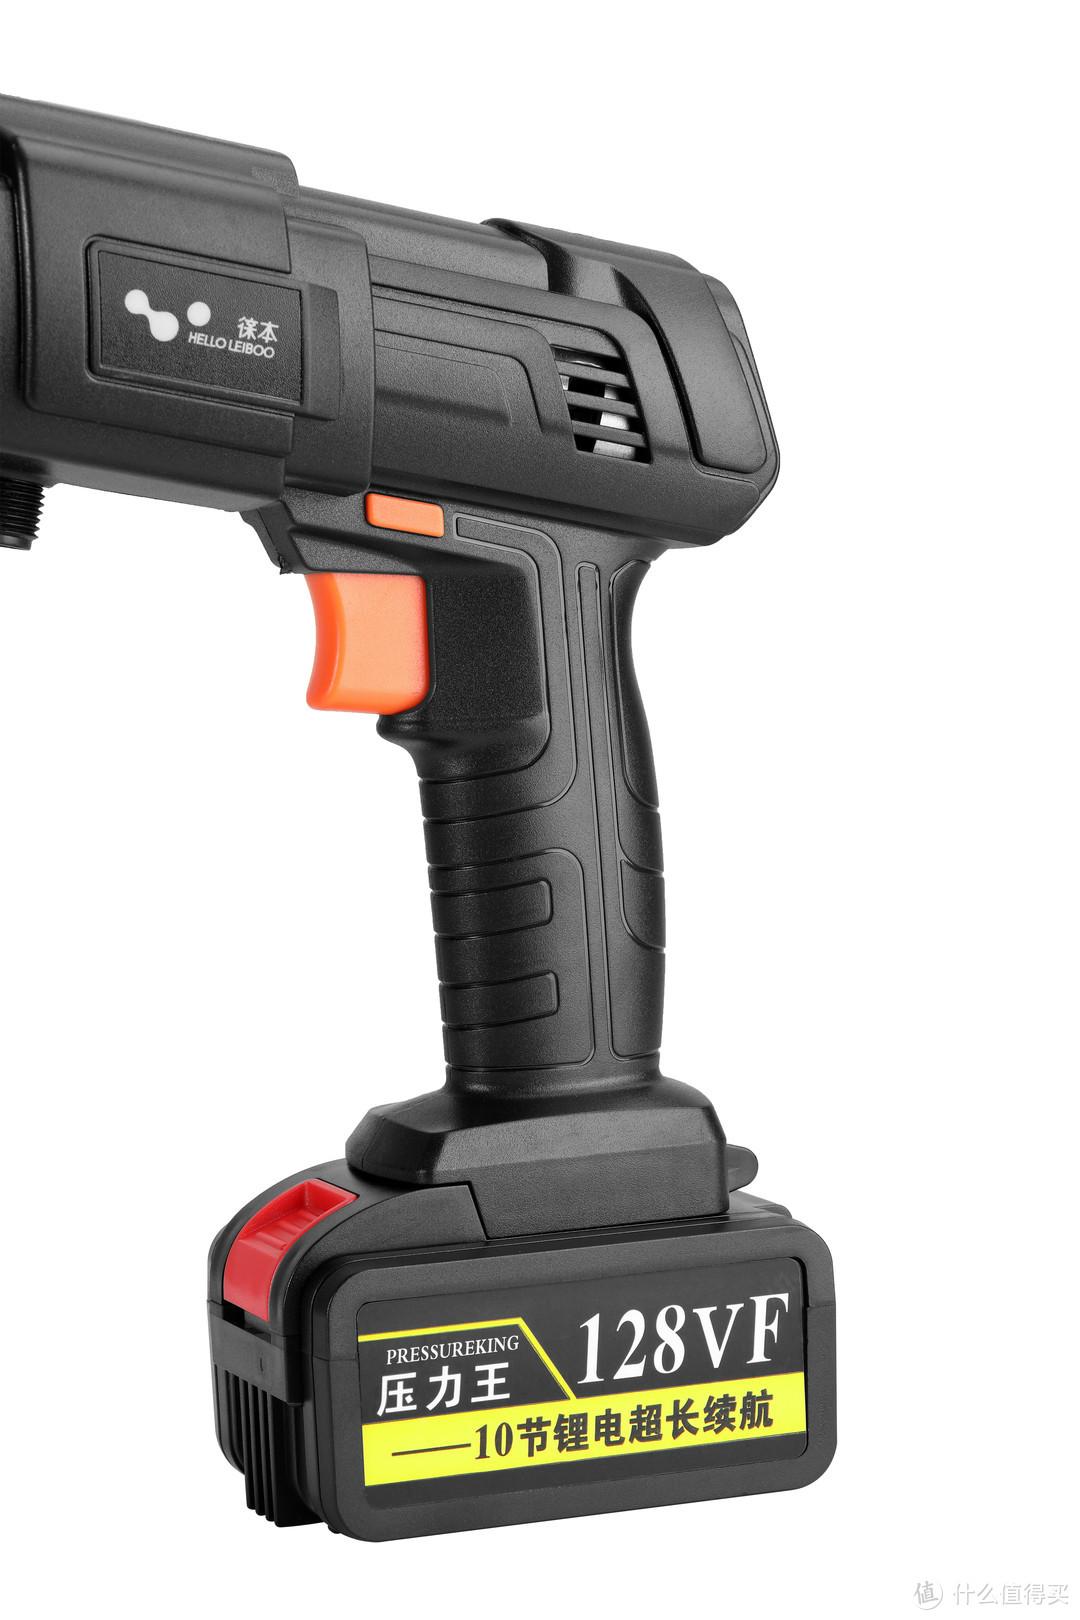 除了扳机和边上固定按钮,没有其他电源开关,电池上的红色按钮是电池释放按钮